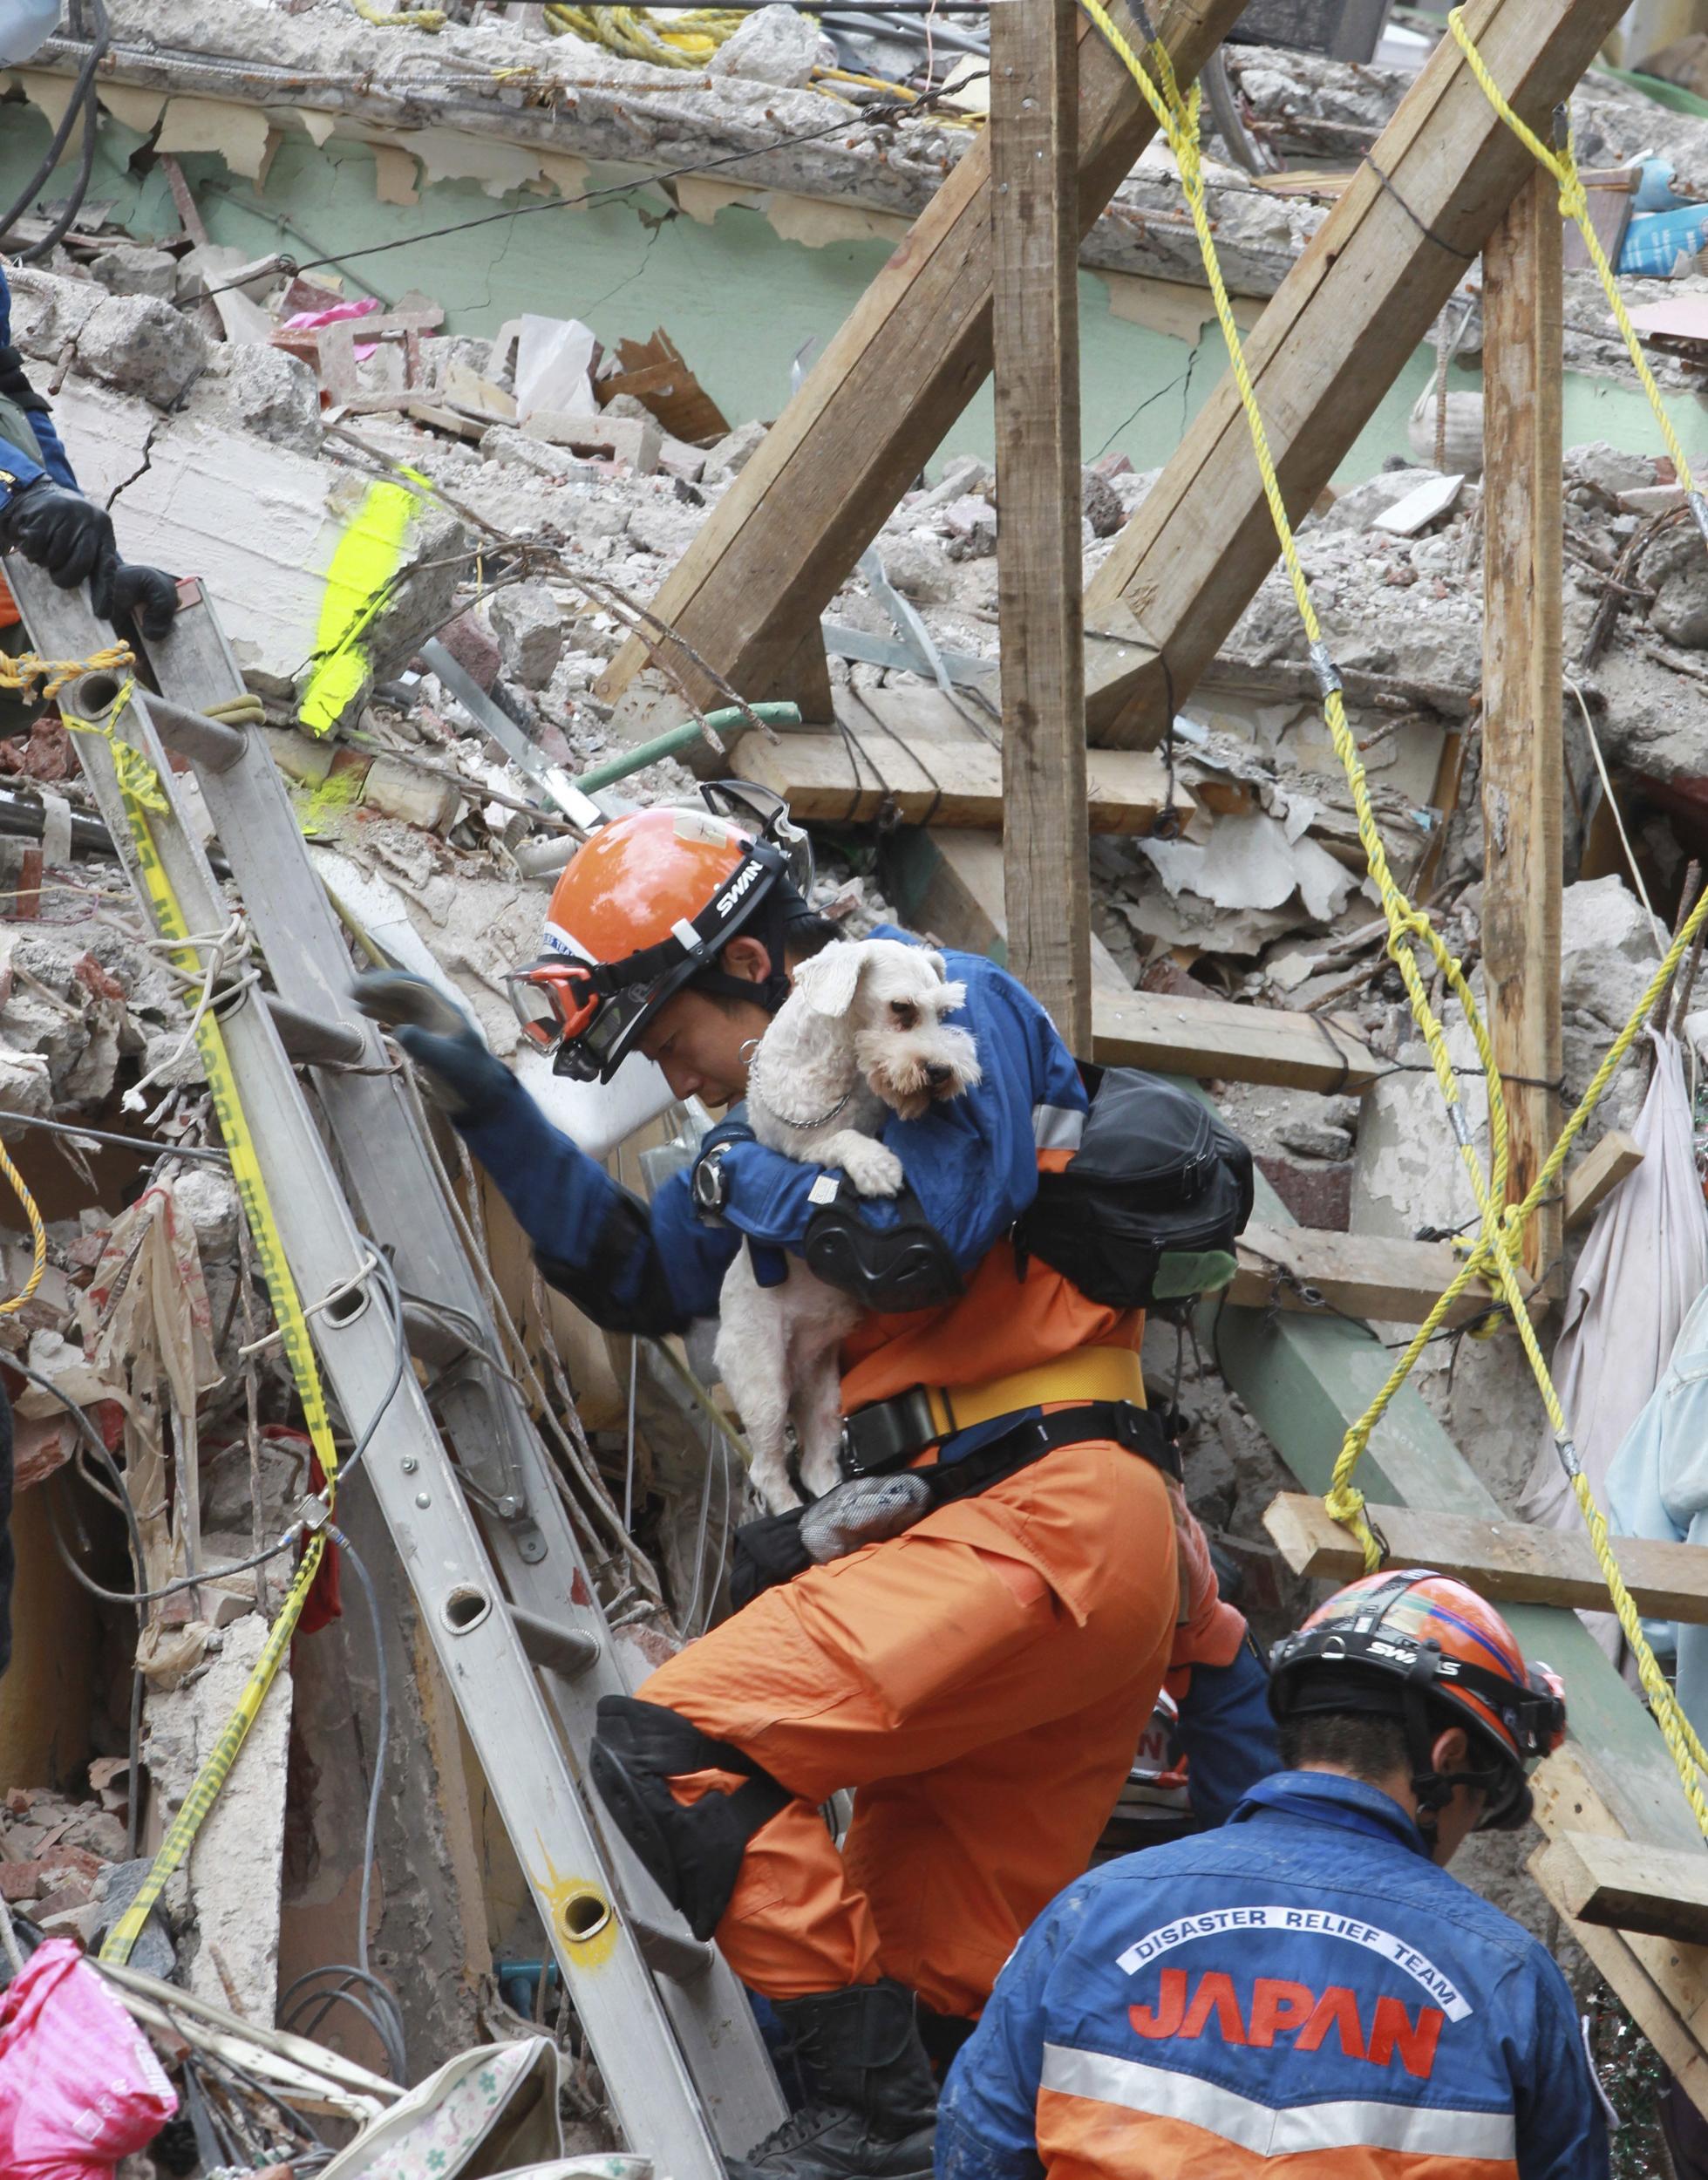 Image: Survivors rescue works continue despite aftershock in Mexico